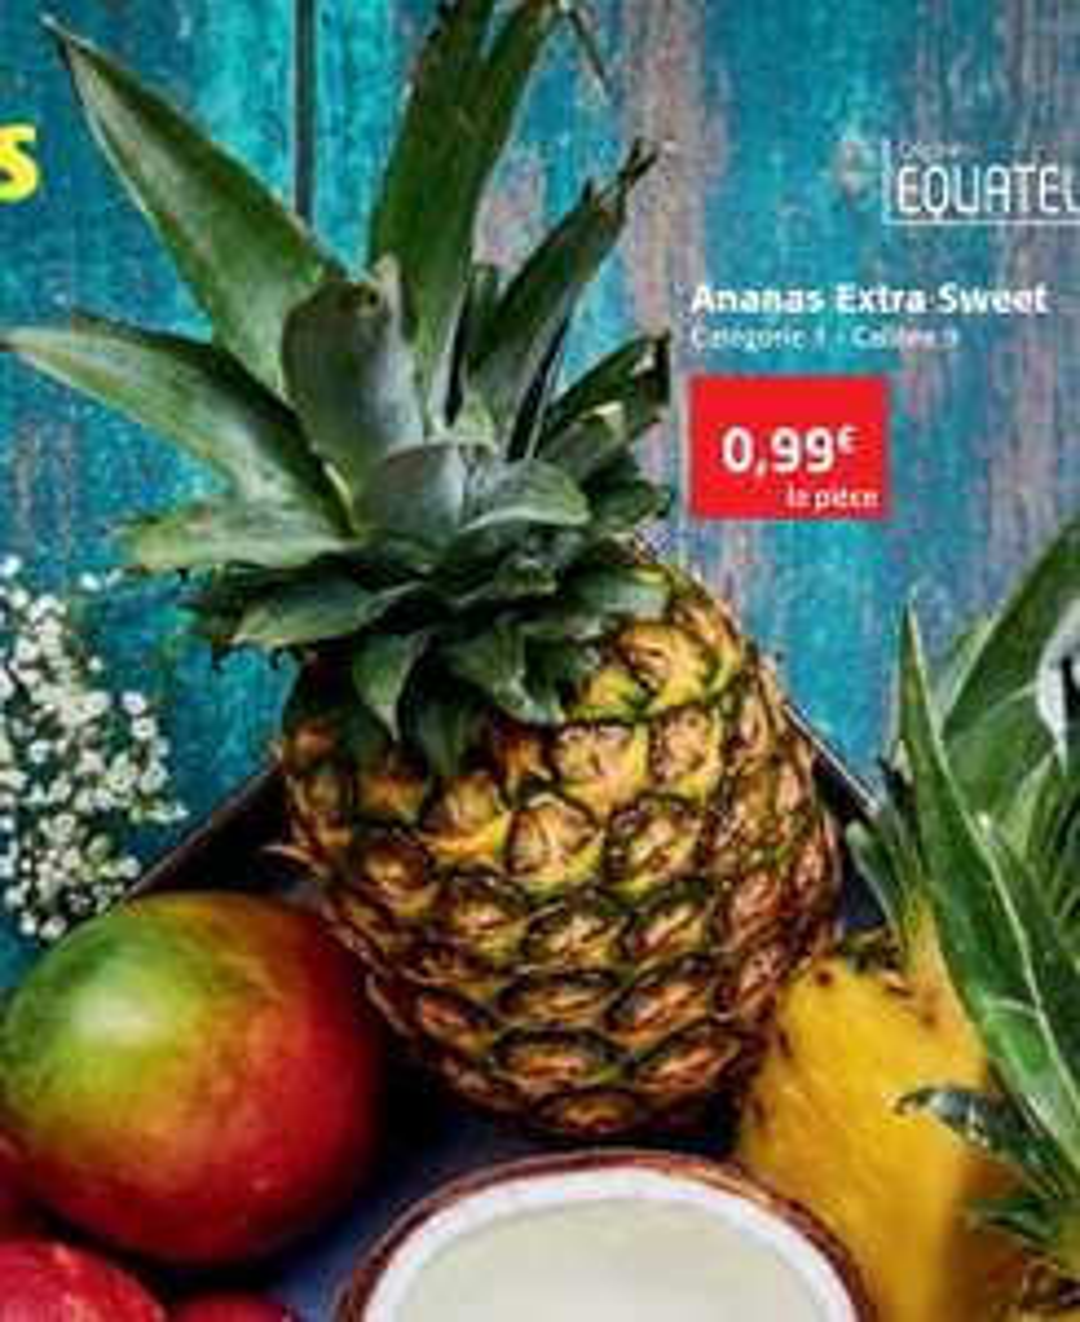 Ananas Extra Sweet - Catégorie 1, Calibre 9